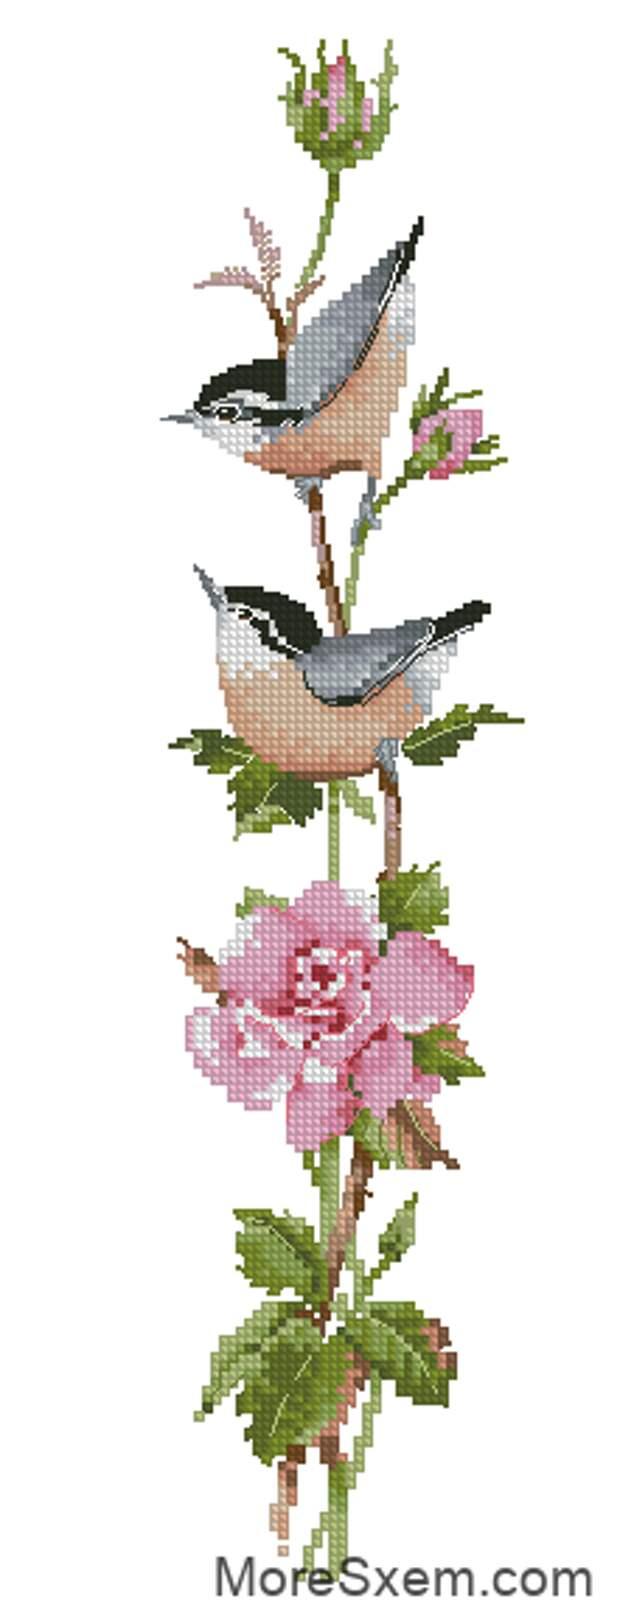 Сонатина в розовом